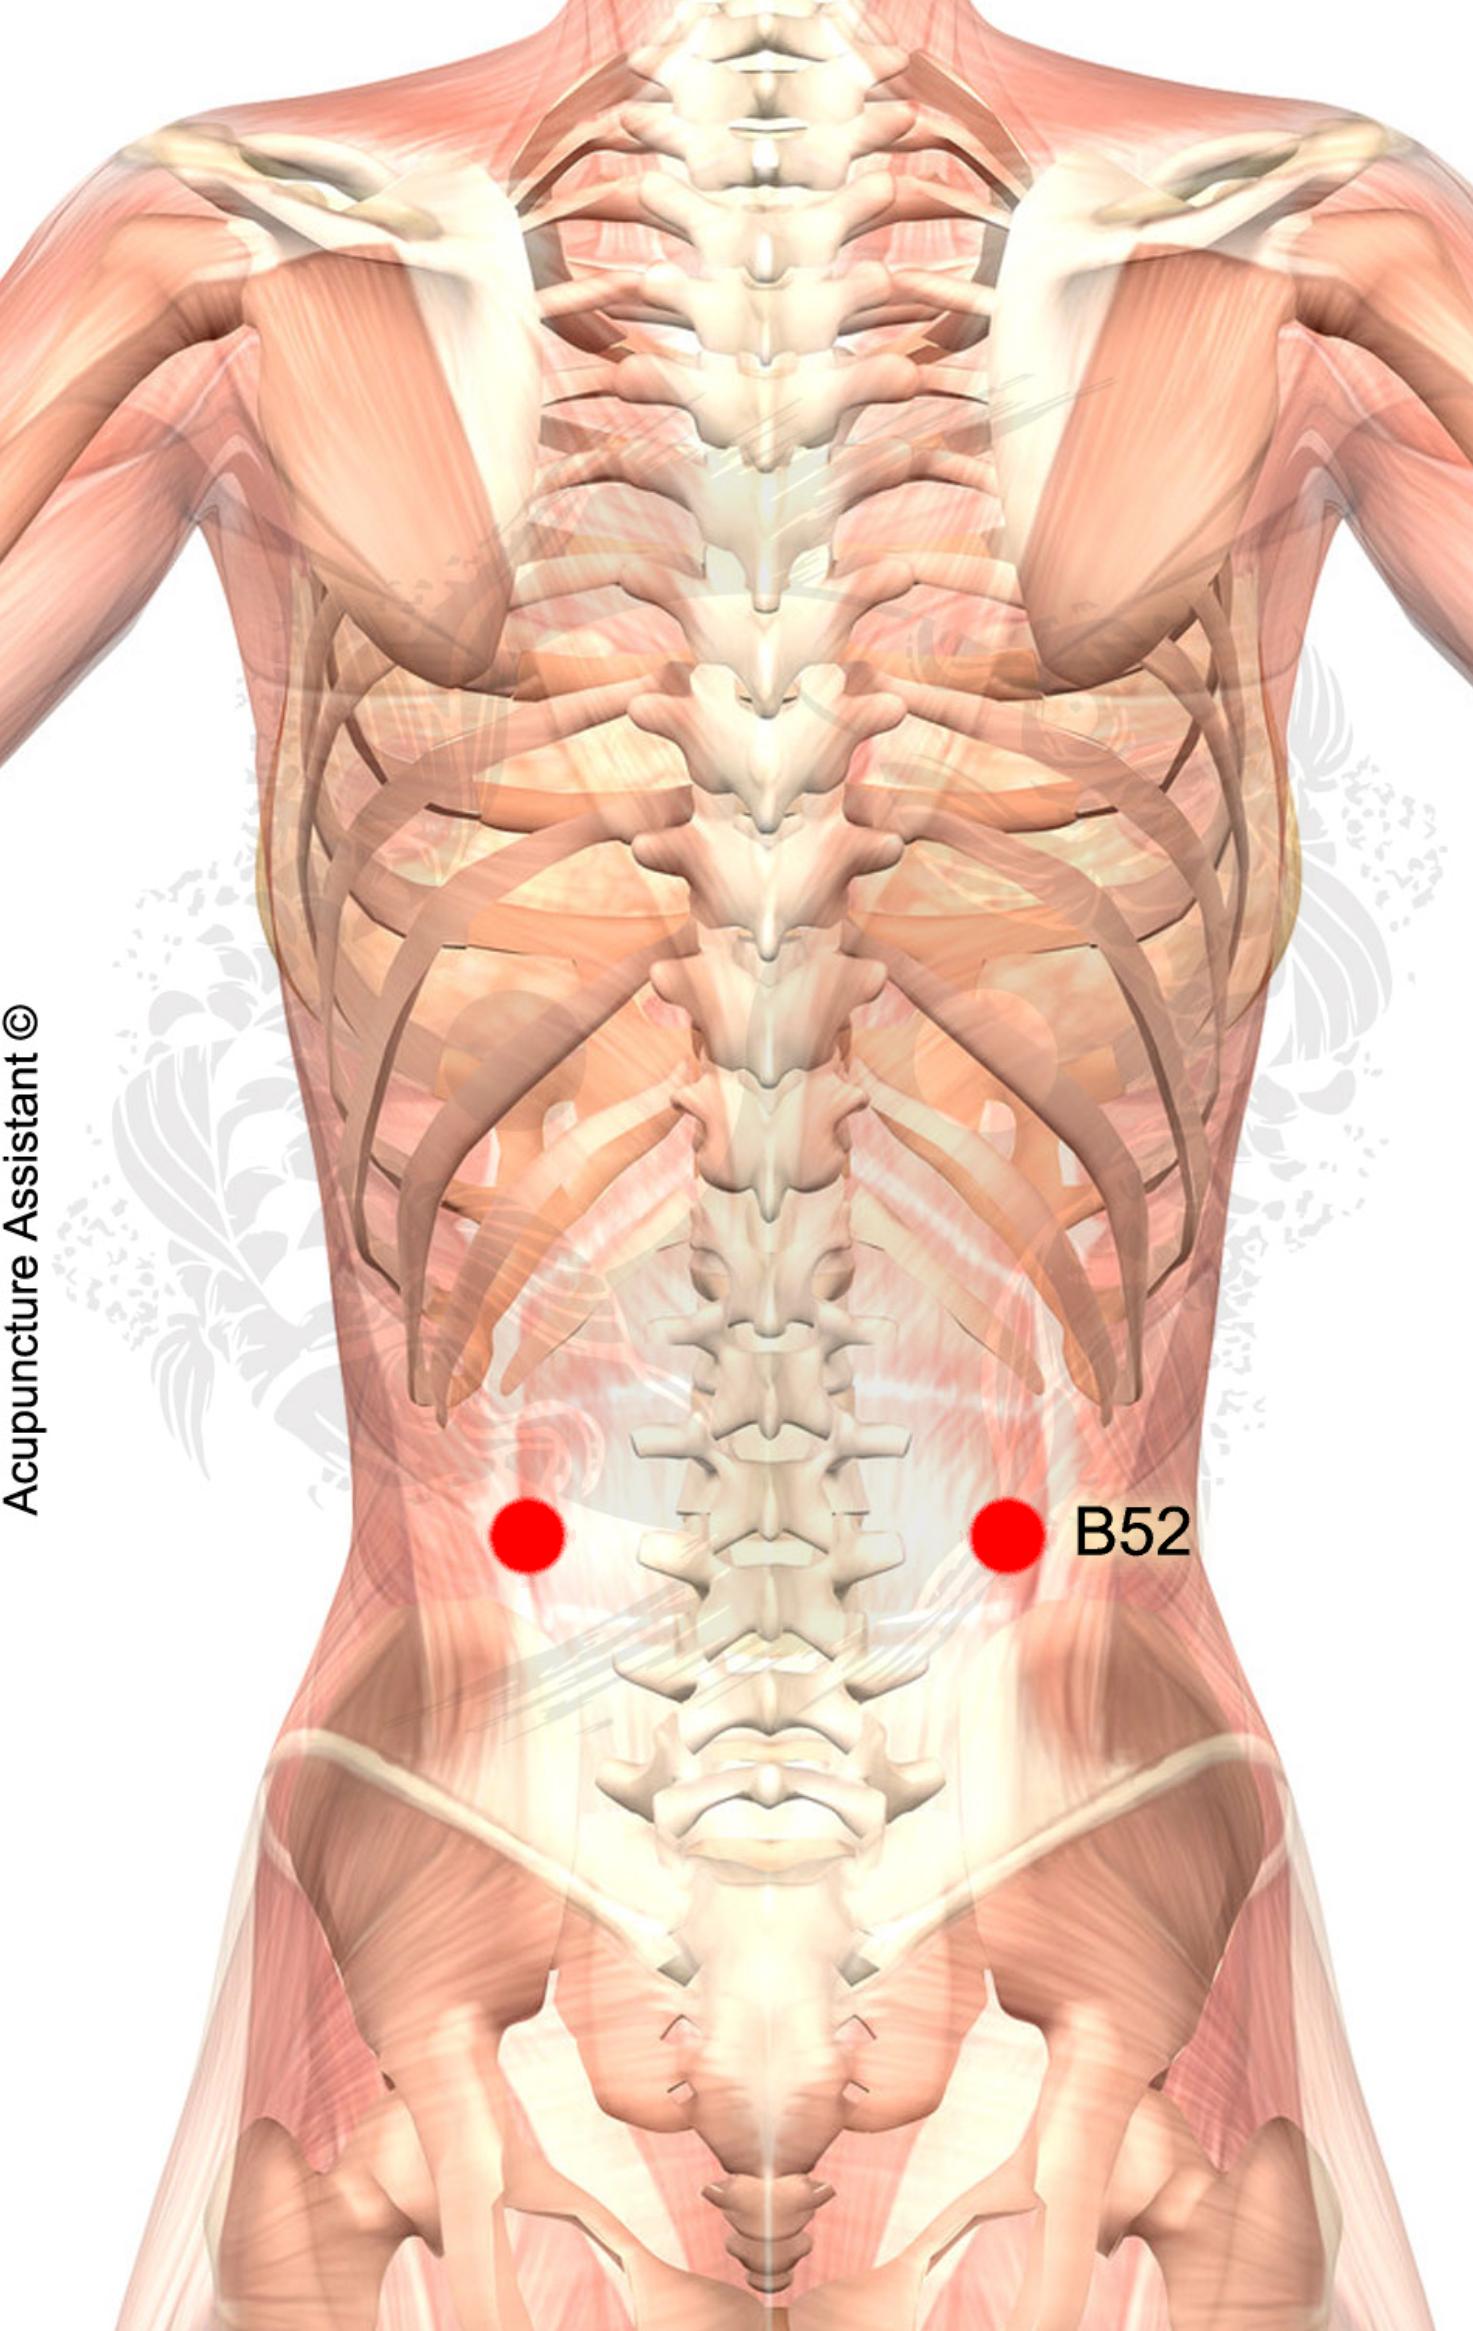 B52-Zhishi-ponto-de-acupuntura | Shiatsu | Pinterest | Acupuntura ...